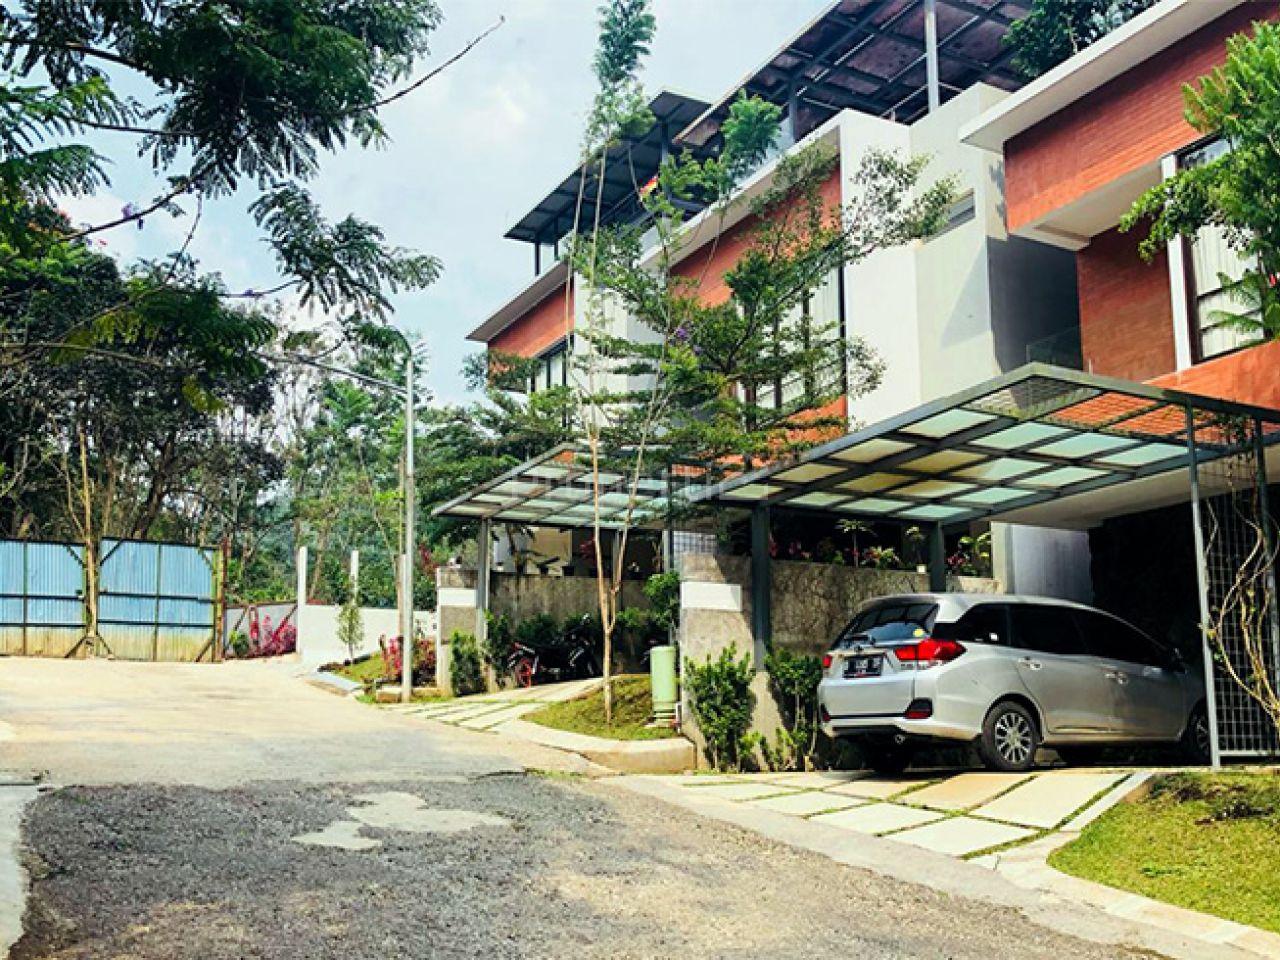 New Townhouse at Lembang, Bandung, Jawa Barat